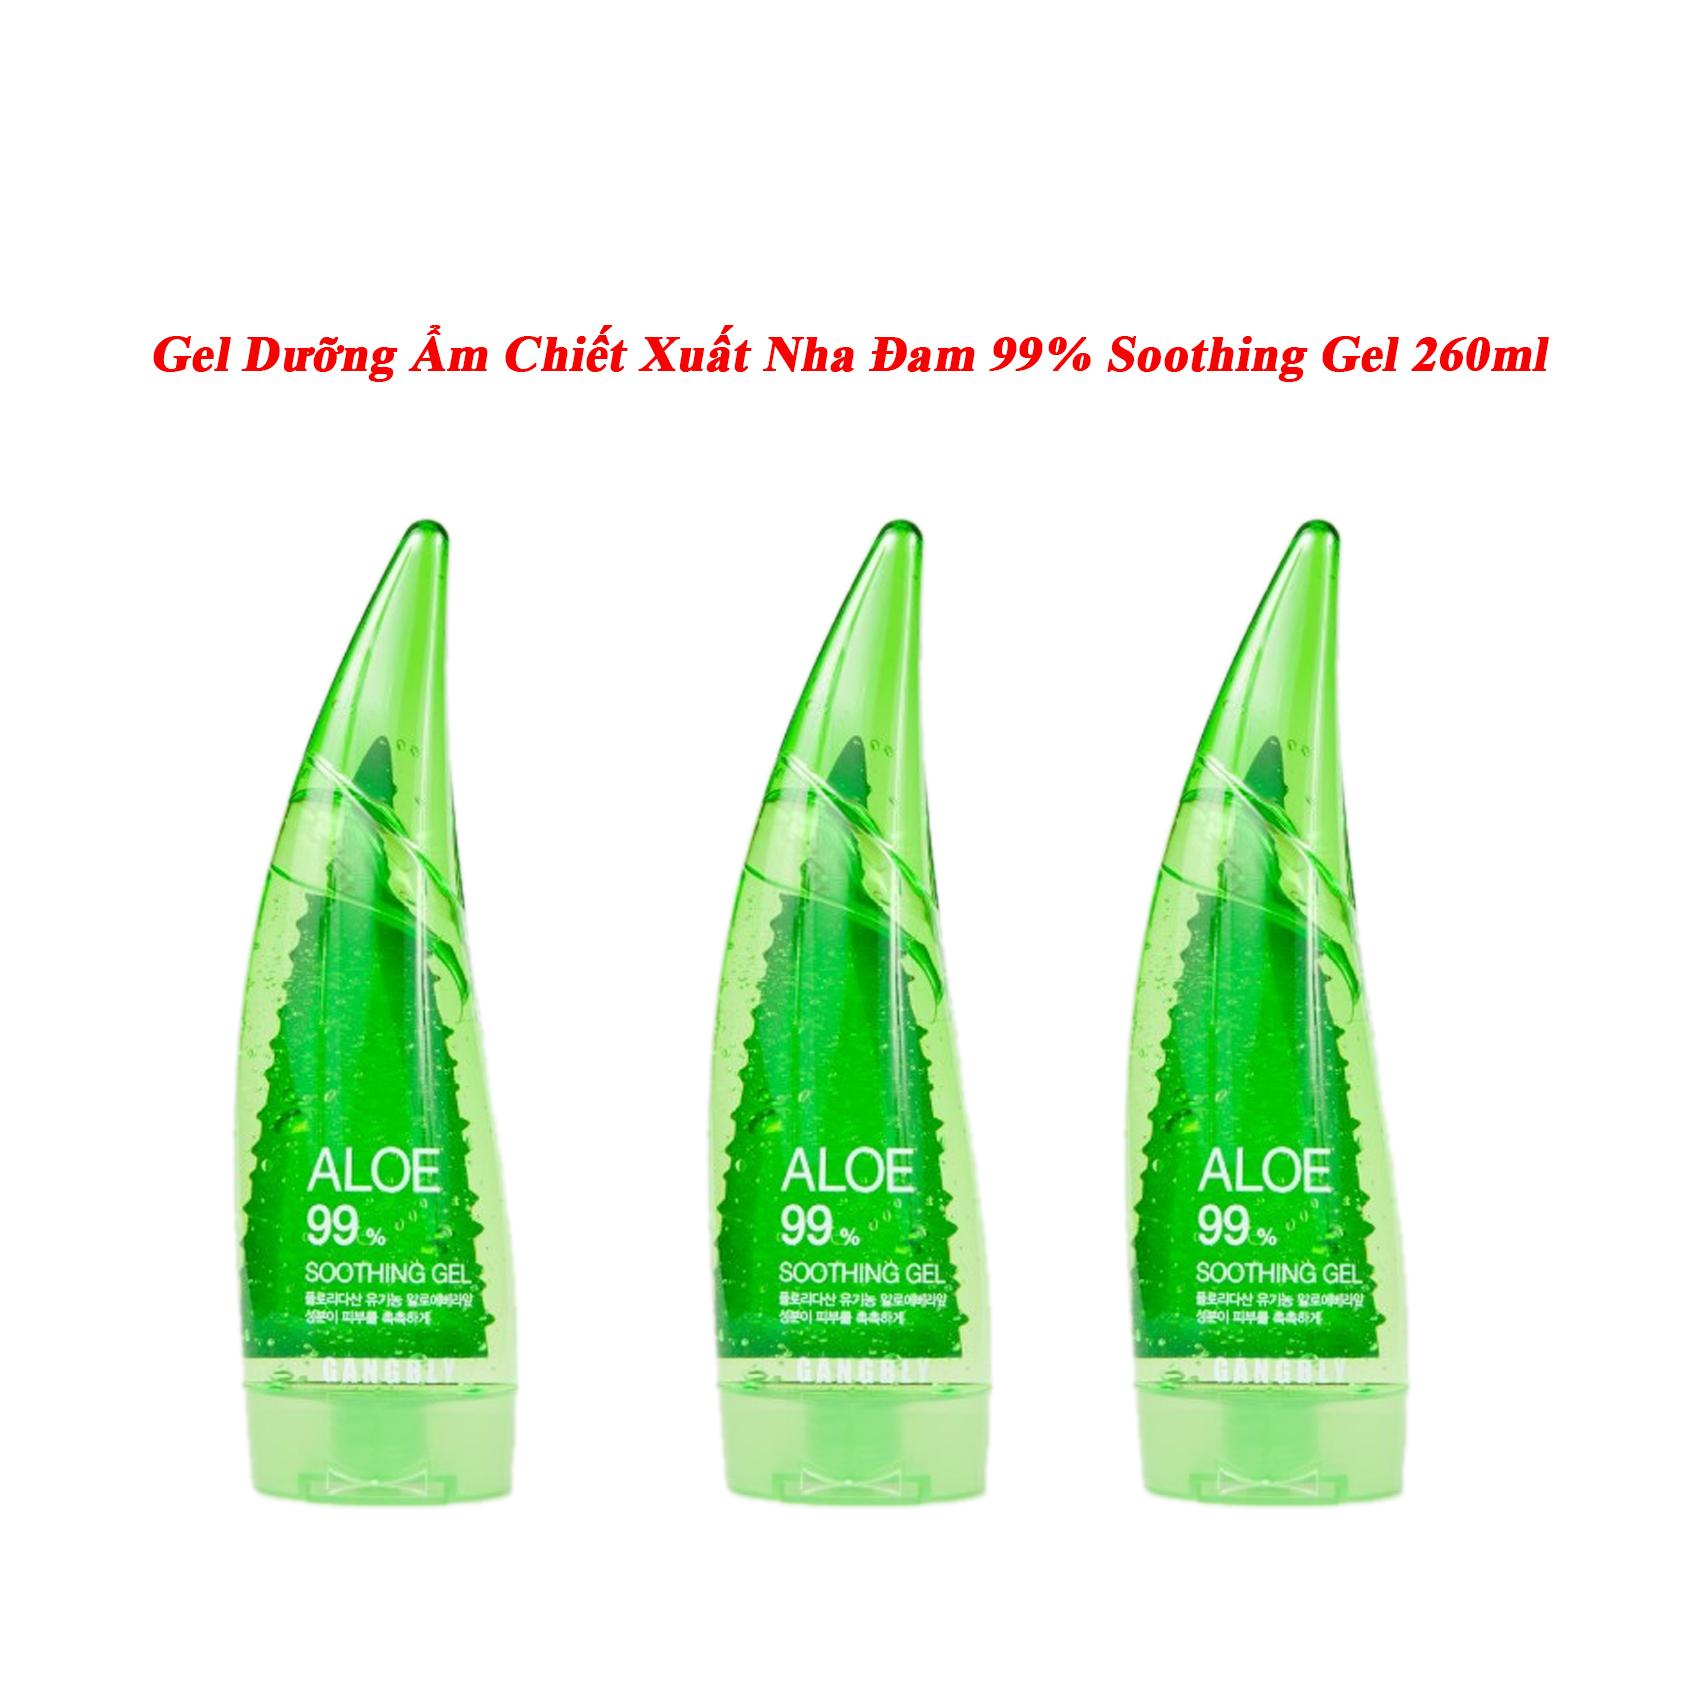 body-gel-duong-am-chiet-xuat-nha-dam-99-soothing-gel-260ml-han-quoc-1042